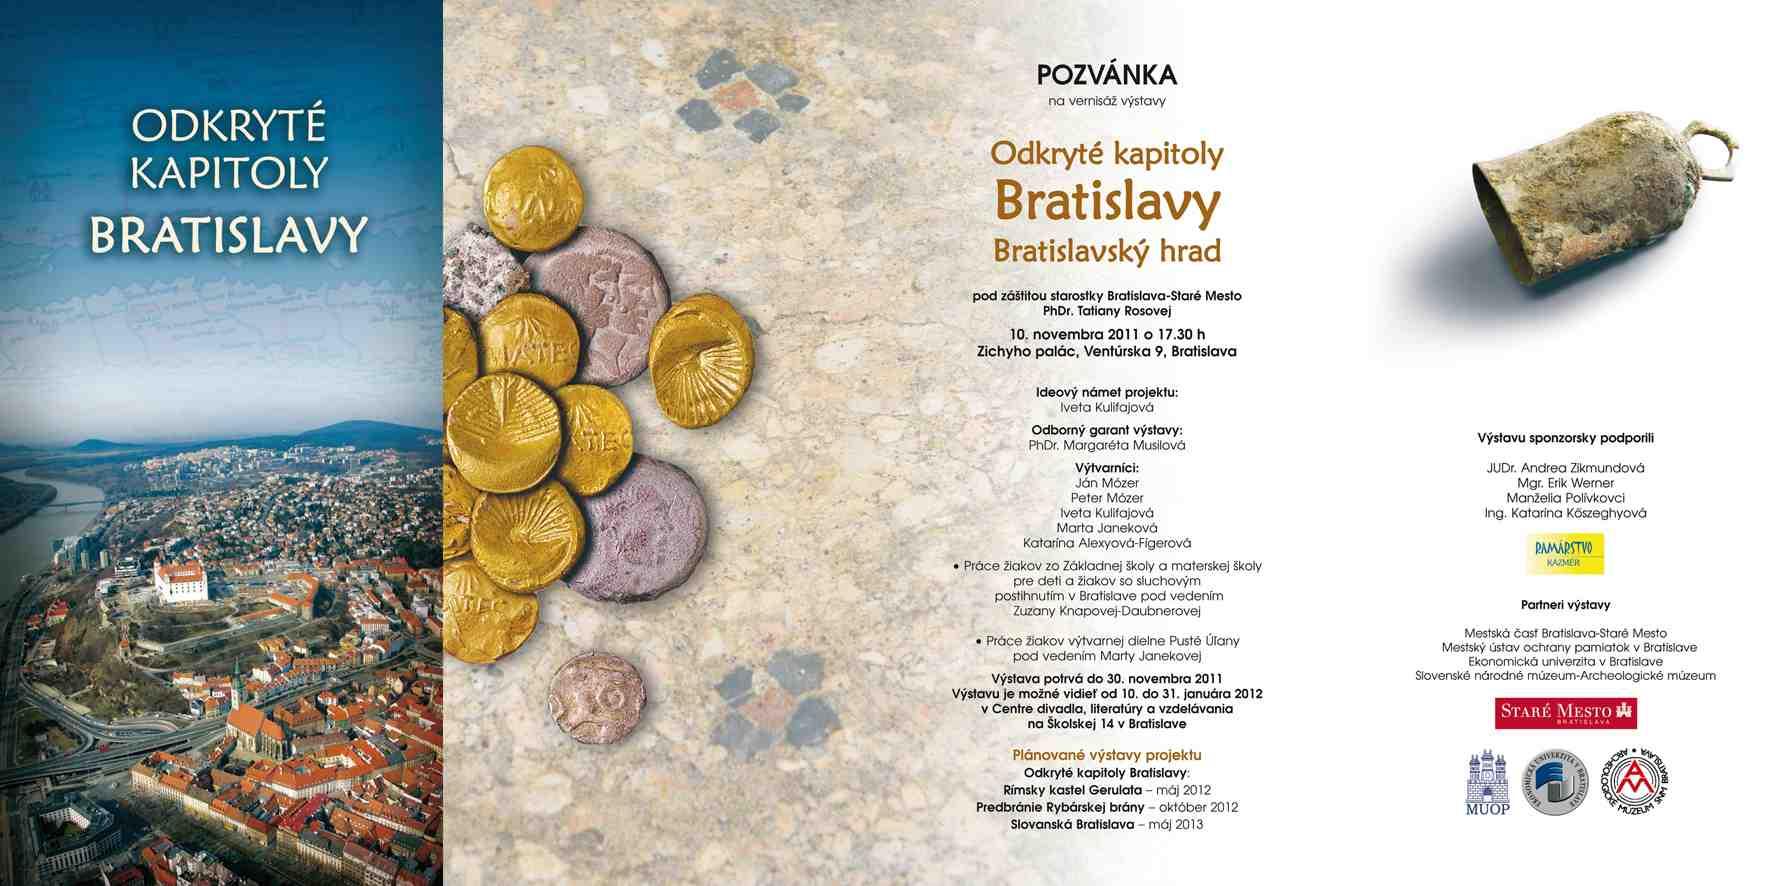 898162827 Cieľom projektu Odkryté kapitoly Bratislavy je širokej a odbornej  verejnosti odhaliť cez rôzne pohľady – od faktov až po umelecké impresie  históriu ...